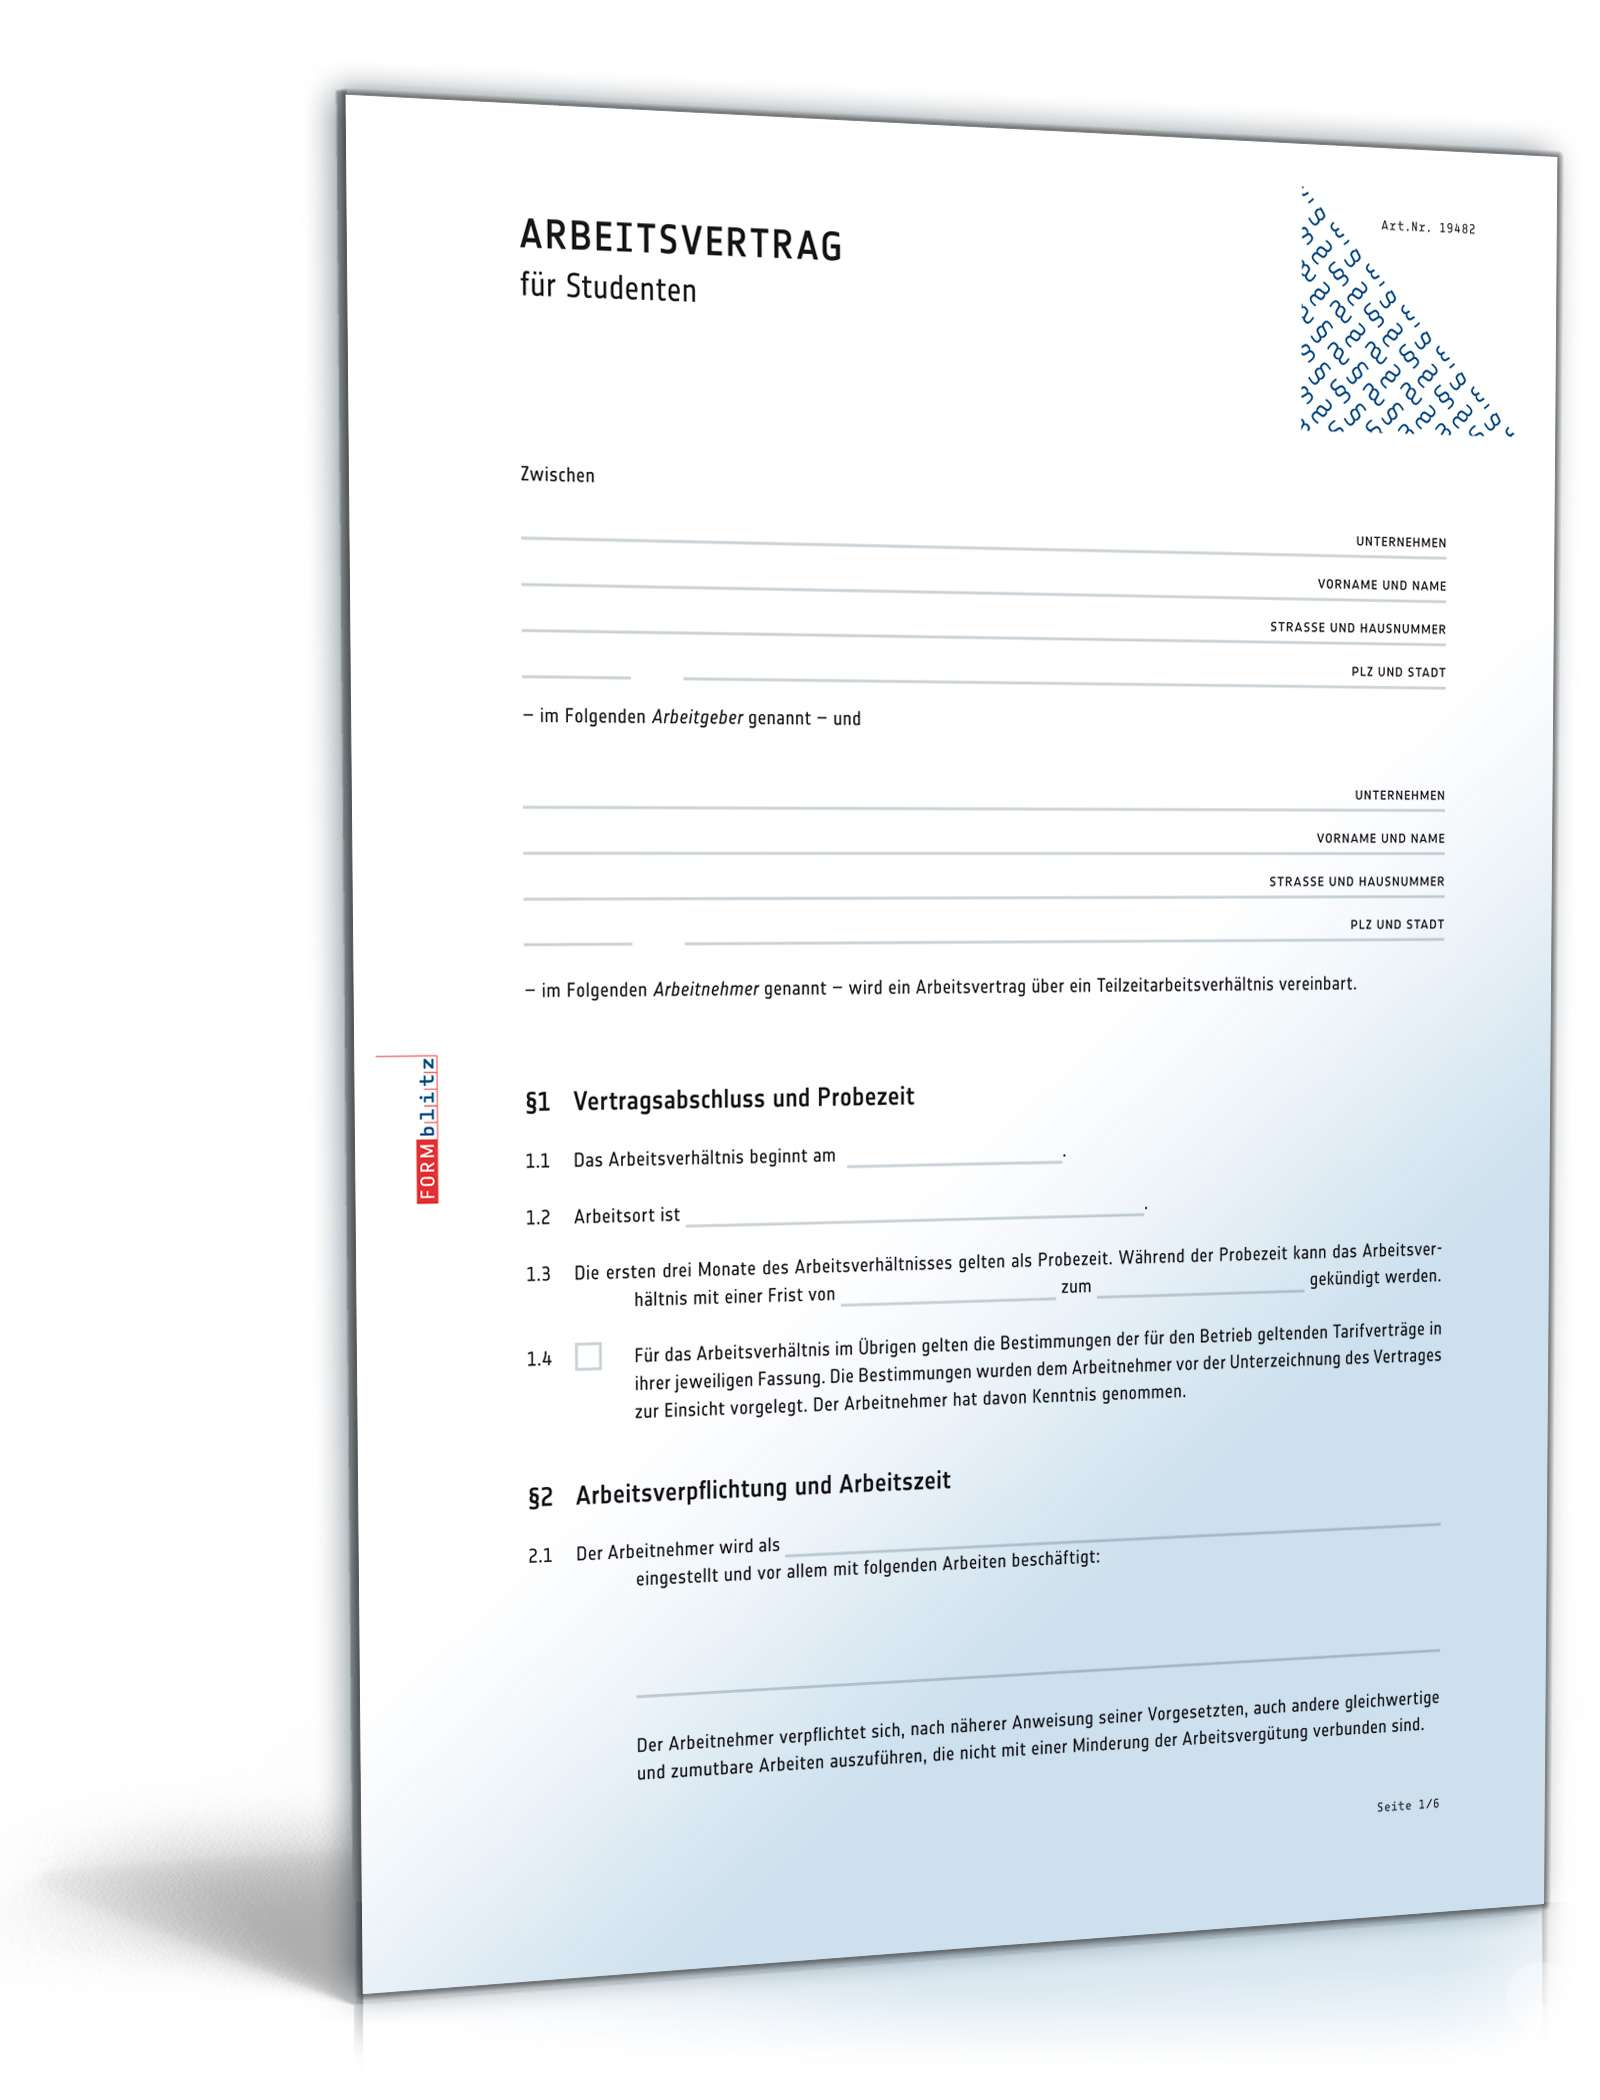 Arbeitsvertrag Für Studenten Muster Zum Download